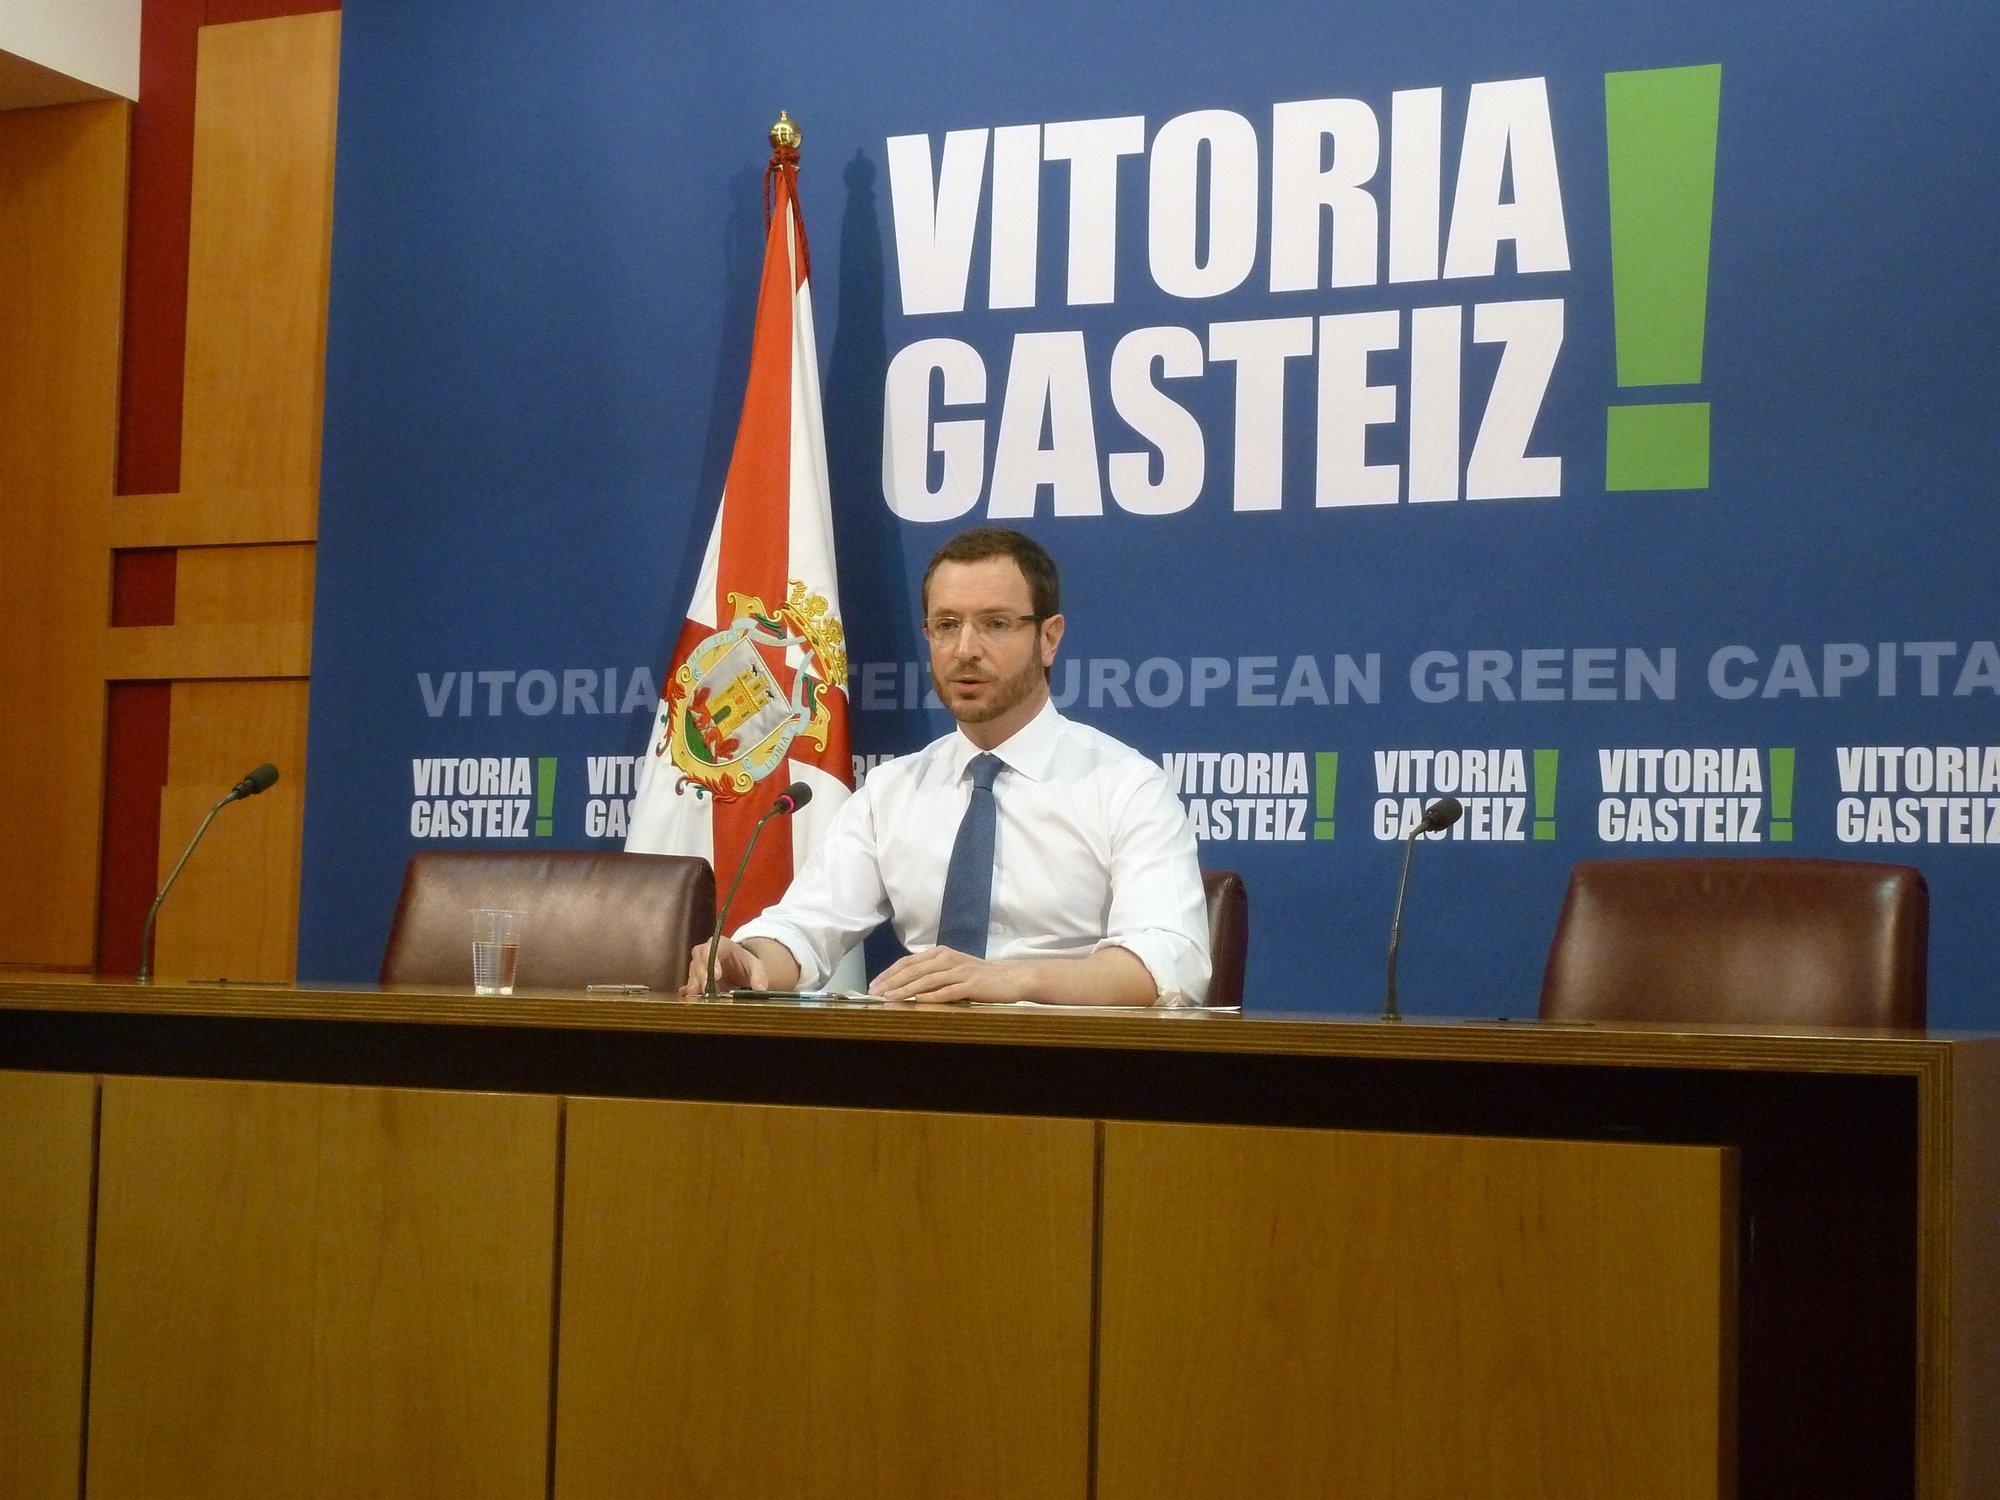 El alcalde de Vitoria cree que el PNV es la copia de Amaiur y el PSE de la del PNV